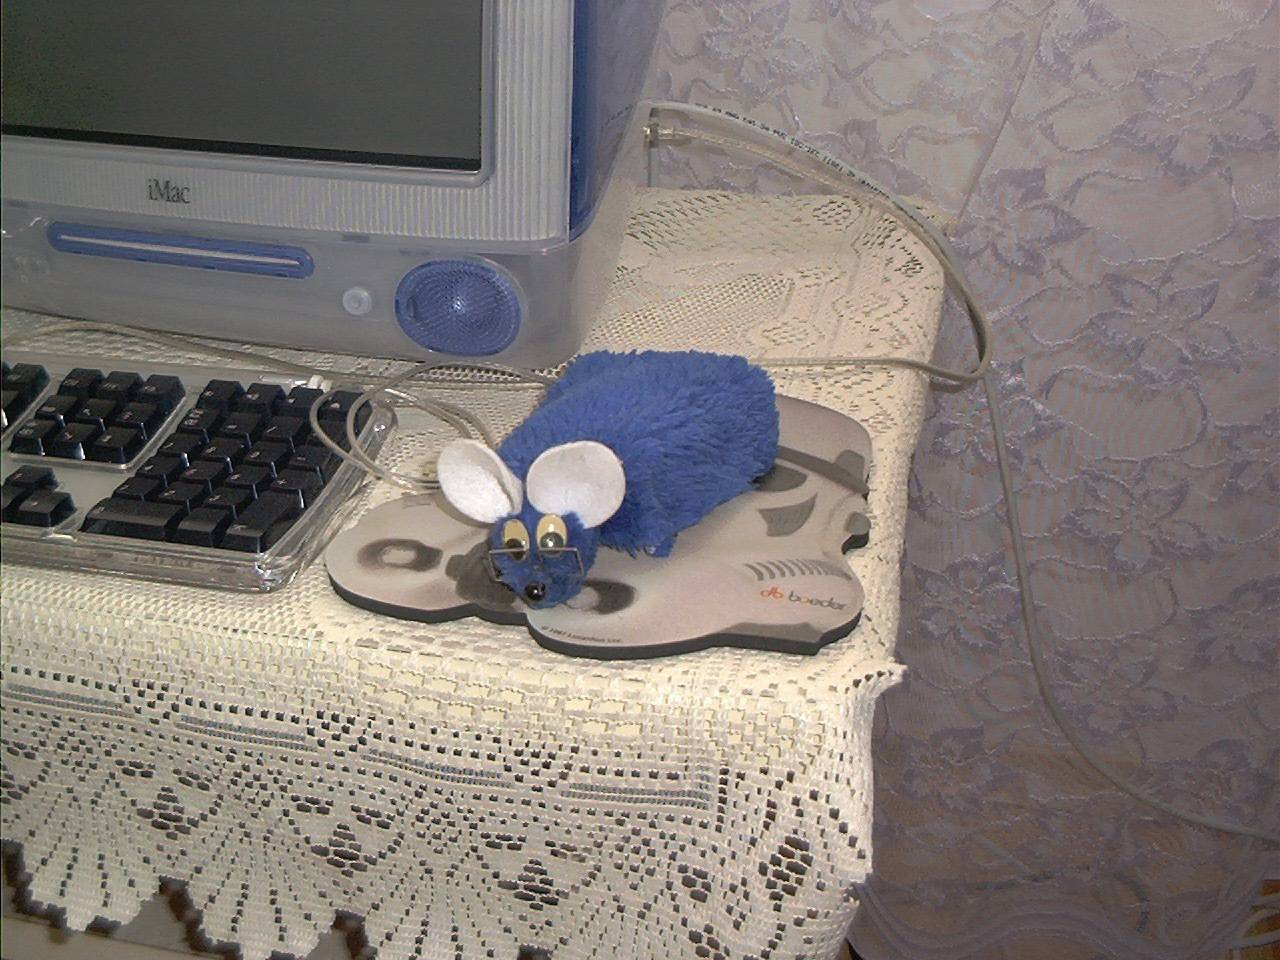 iMac G3 i mysz